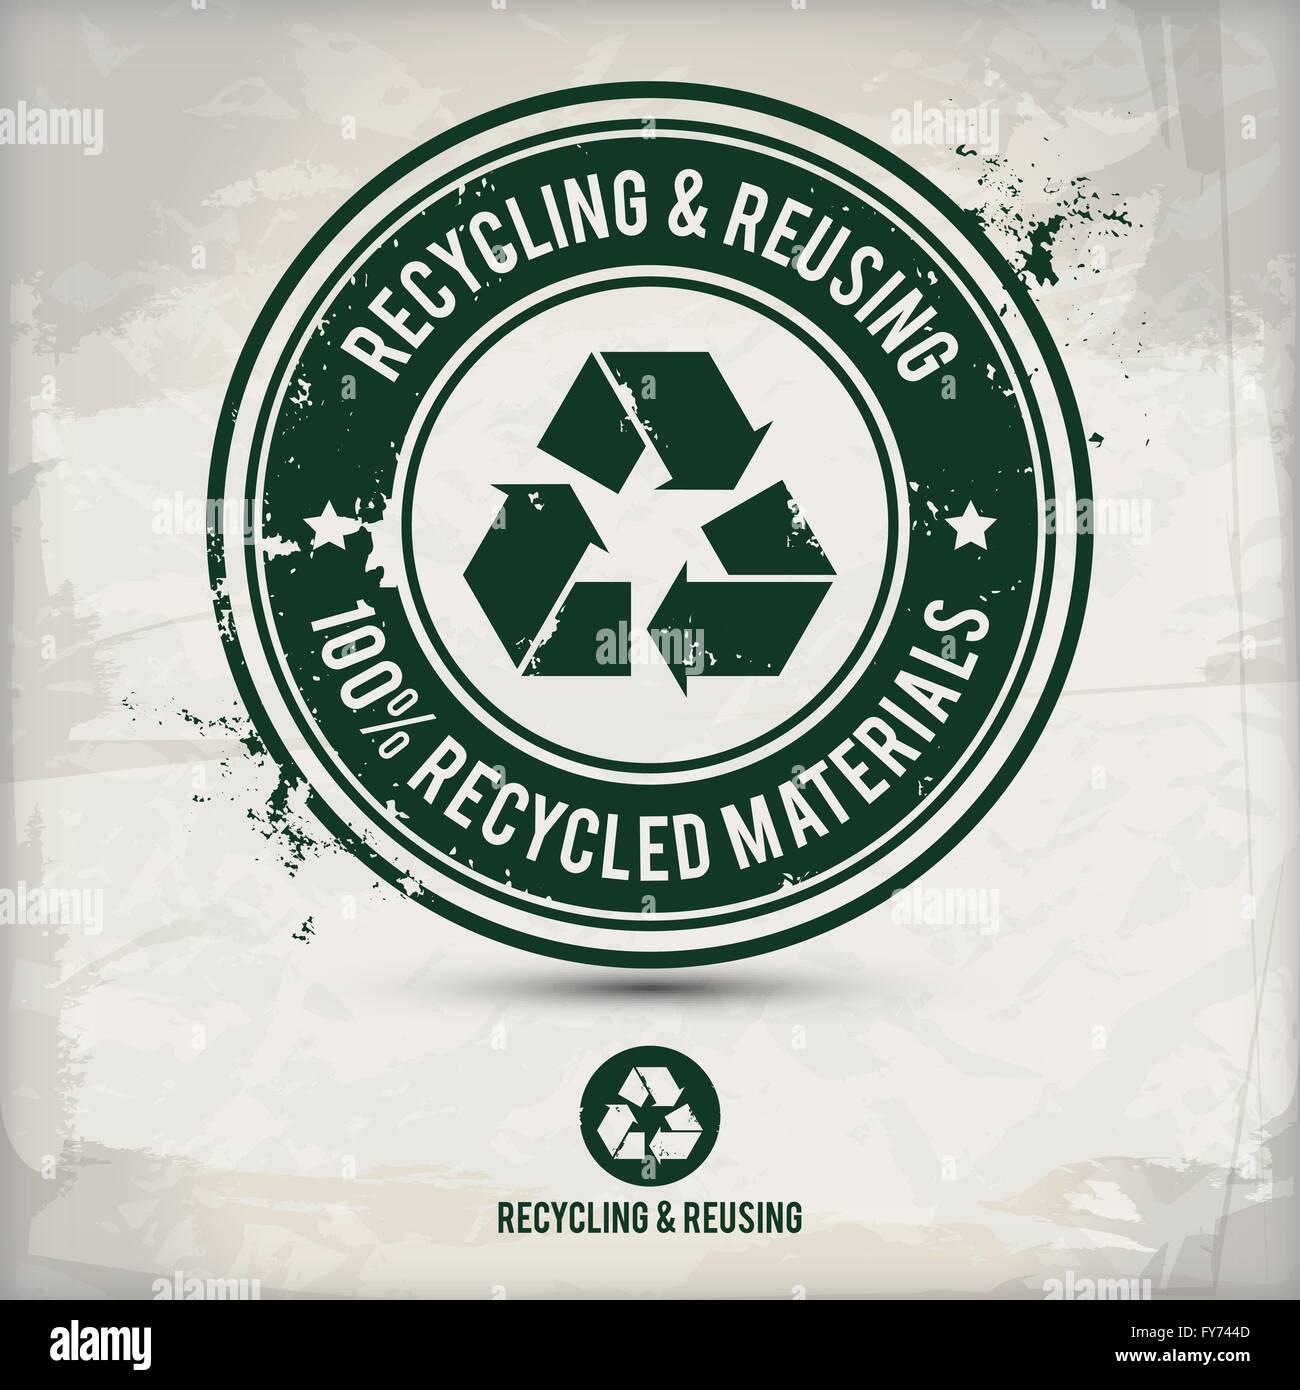 D'autres timbres de recyclage sur fond texturé, qui est fait de plusieurs couches transparentes pour un Photo Stock